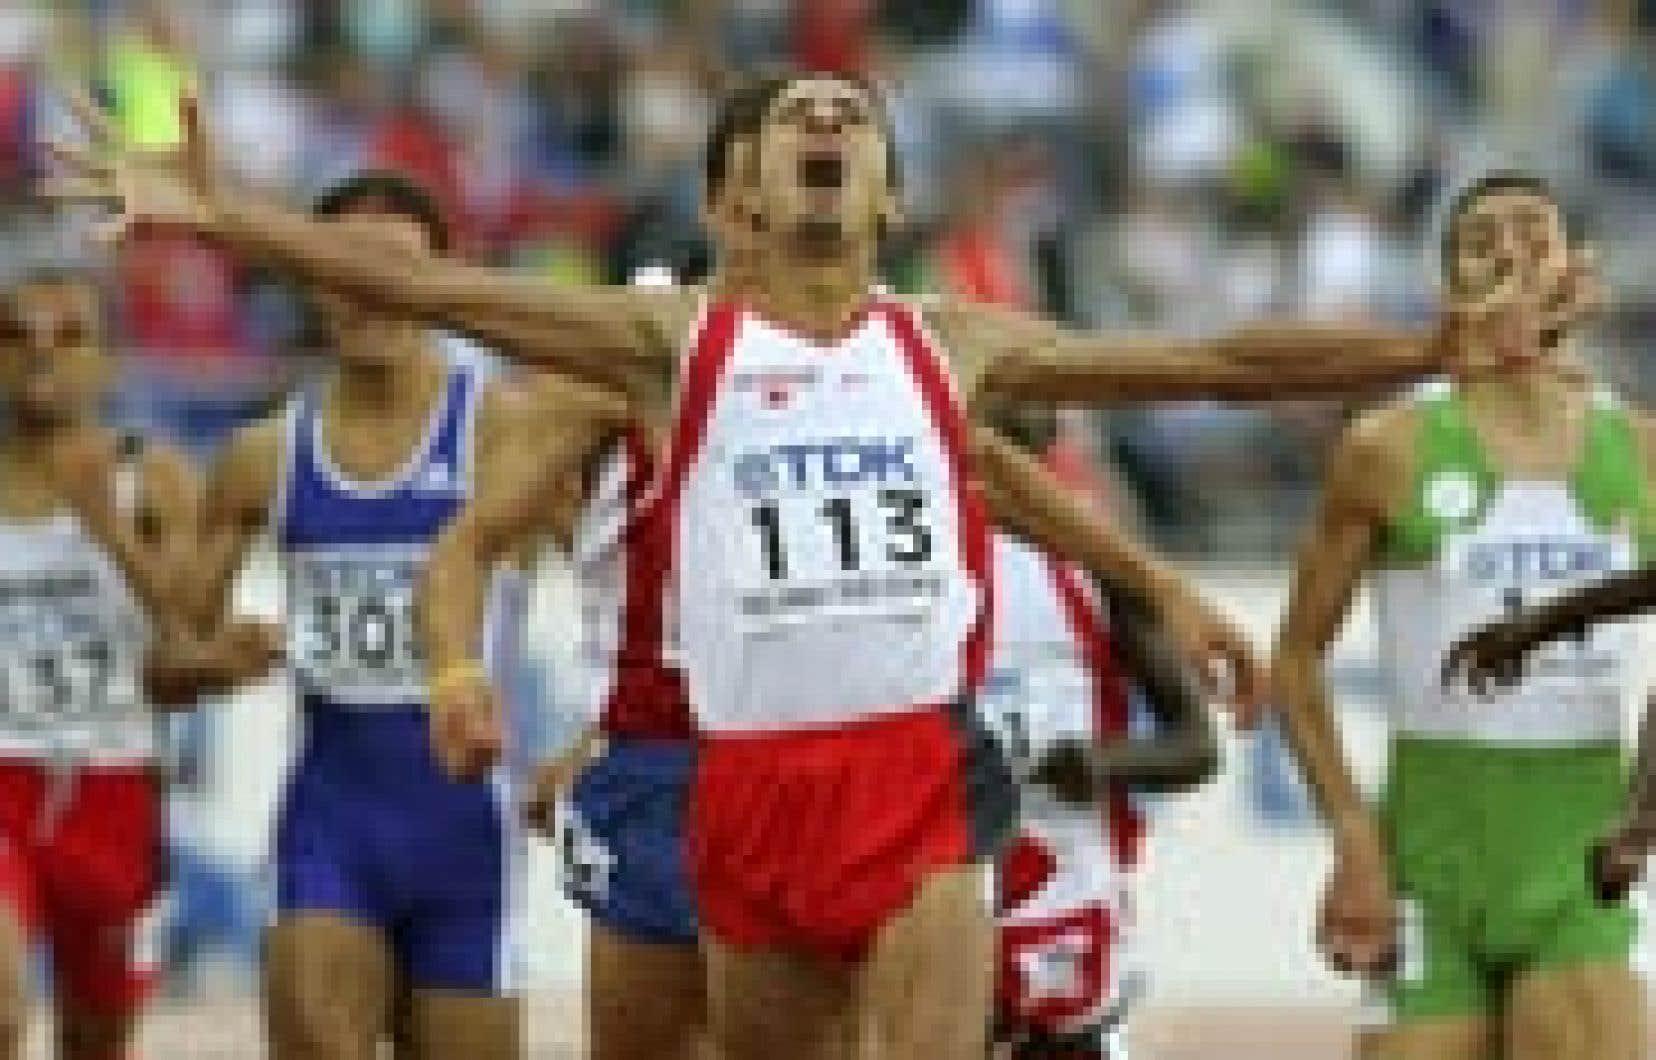 Le Bahreïni d'origine marocaine Rashid Ramzi a réussi un doublé inédit en ajoutant aux dépens du champion olympique Yuriy Borzakovskiy le 800 m à son palmarès, après son succès sur 1500 m.